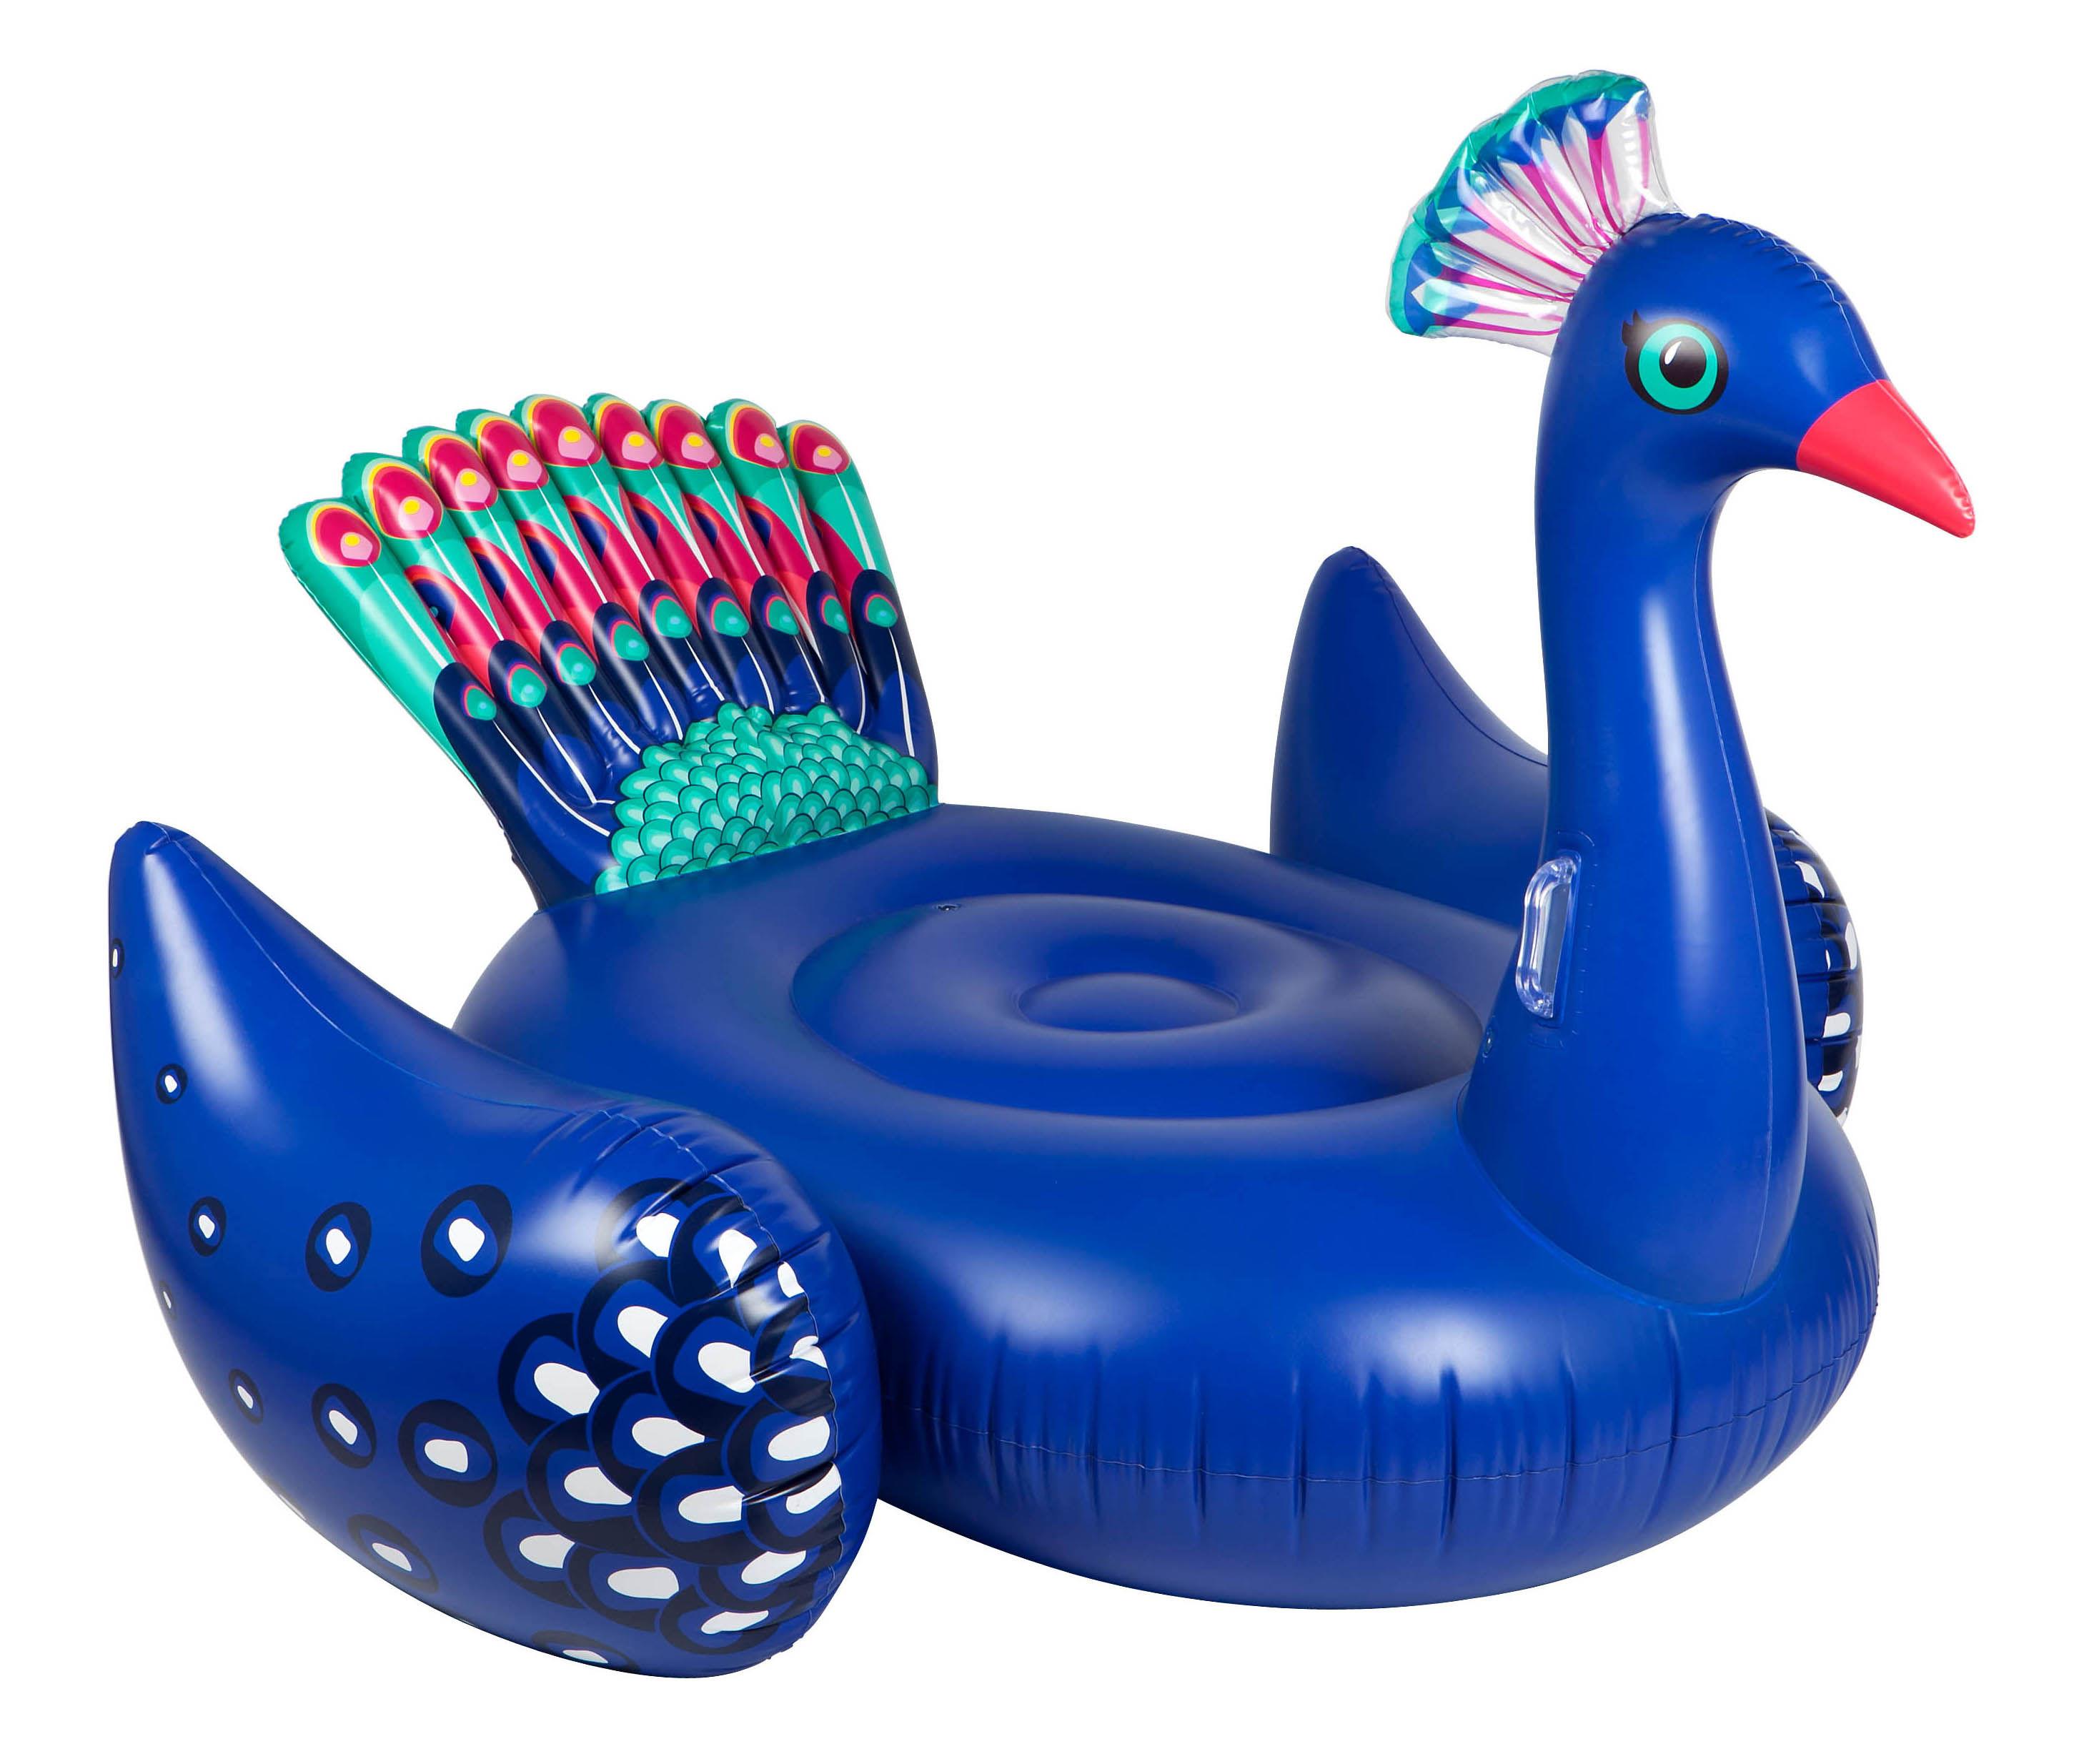 Déco - Pour les enfants - Bouée géante / Paon - Ø 130 cm - Sunnylife - Paon / Bleu - PVC haute résistance